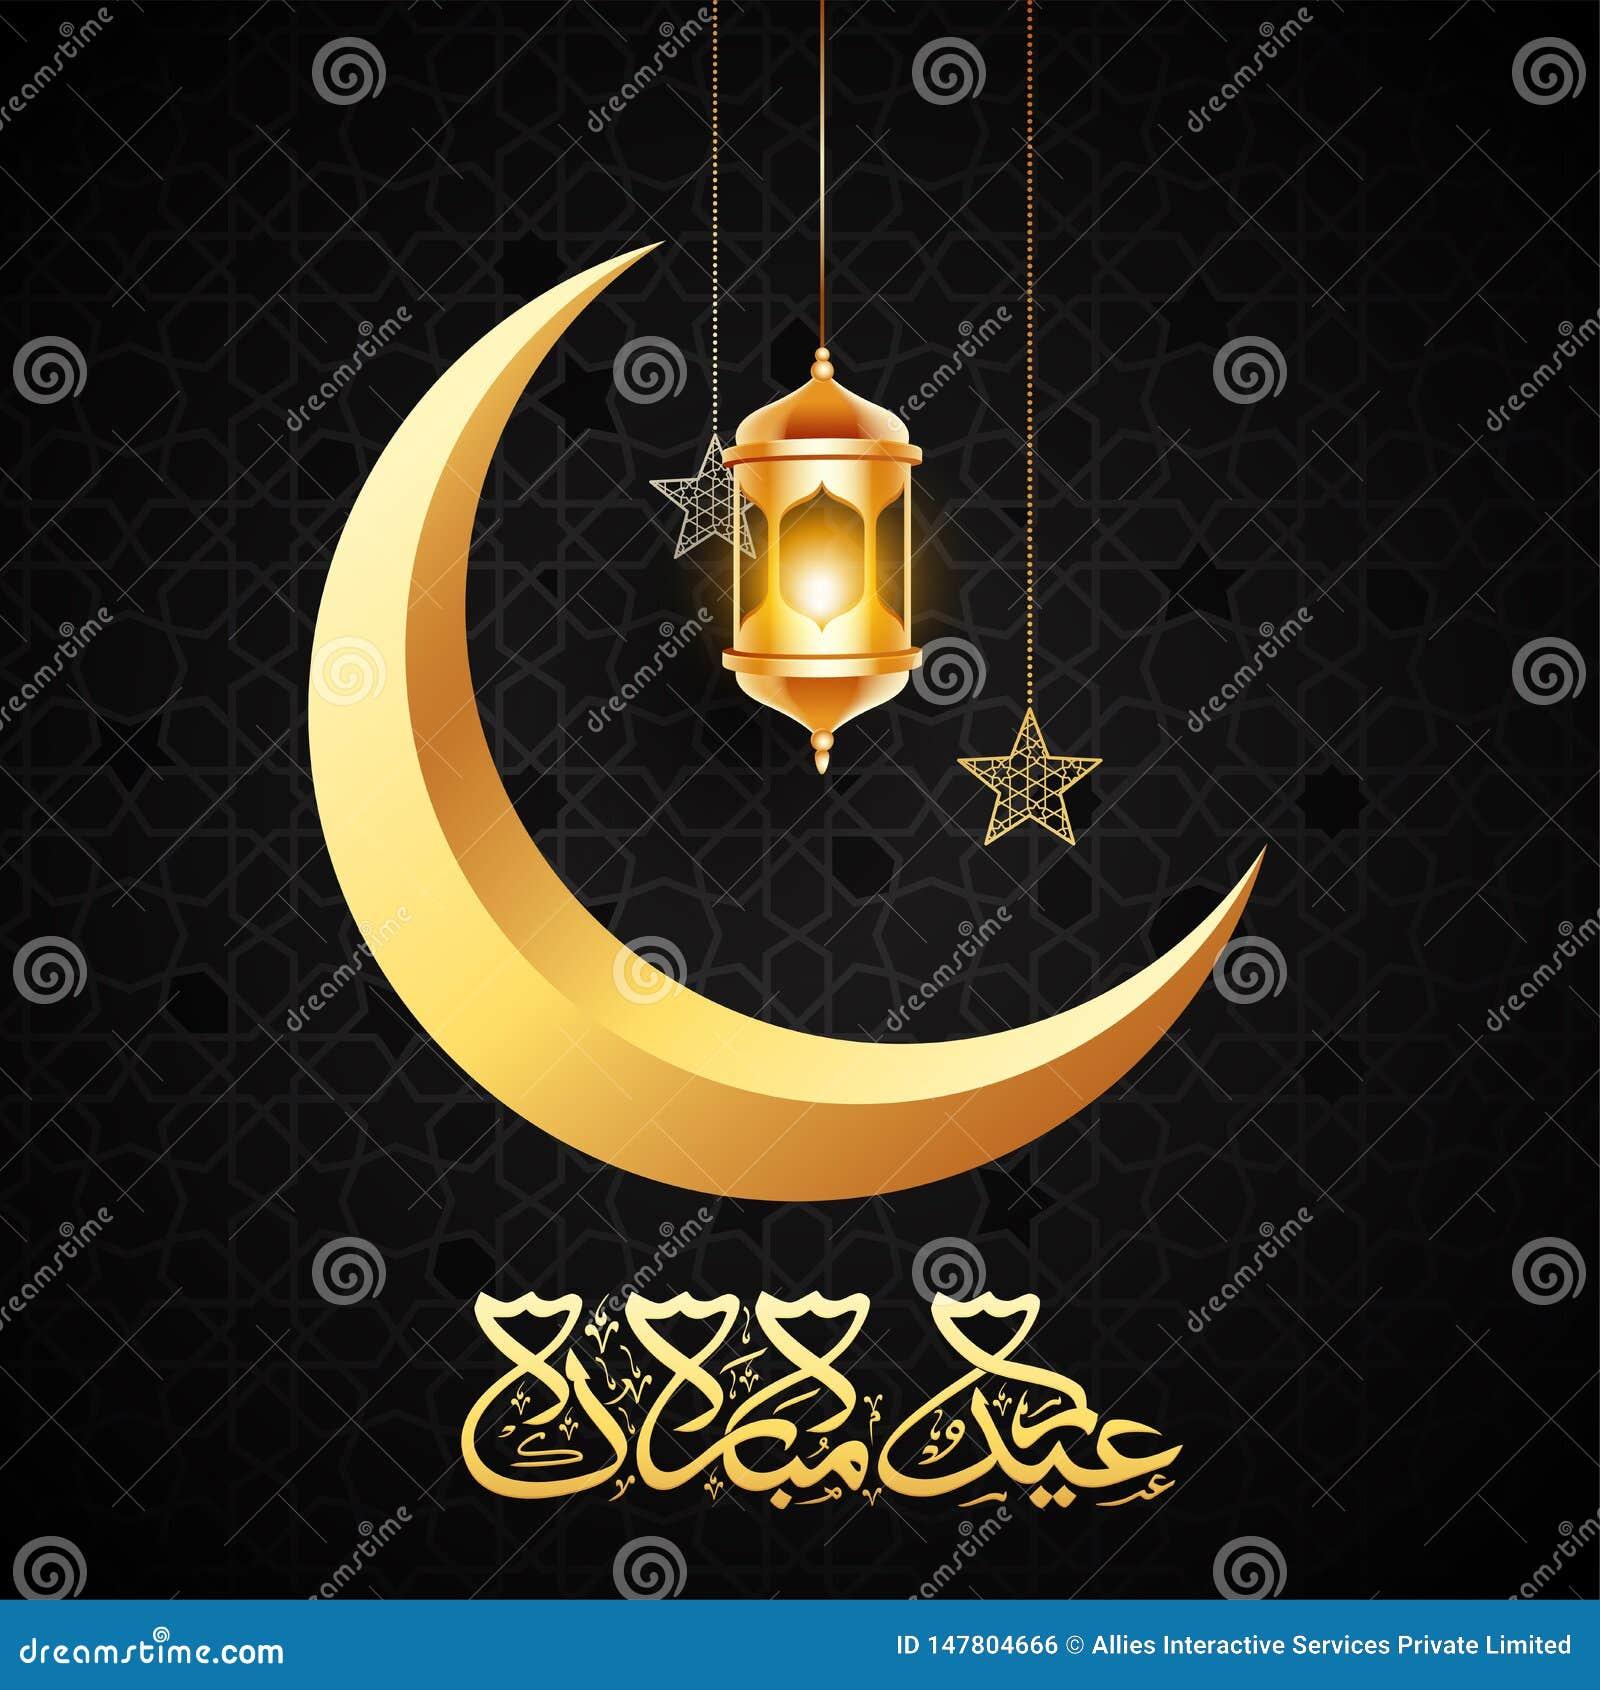 Linterna iluminada y luna de oro en negro con el texto árabe de la caligrafía de Eid Mubarak